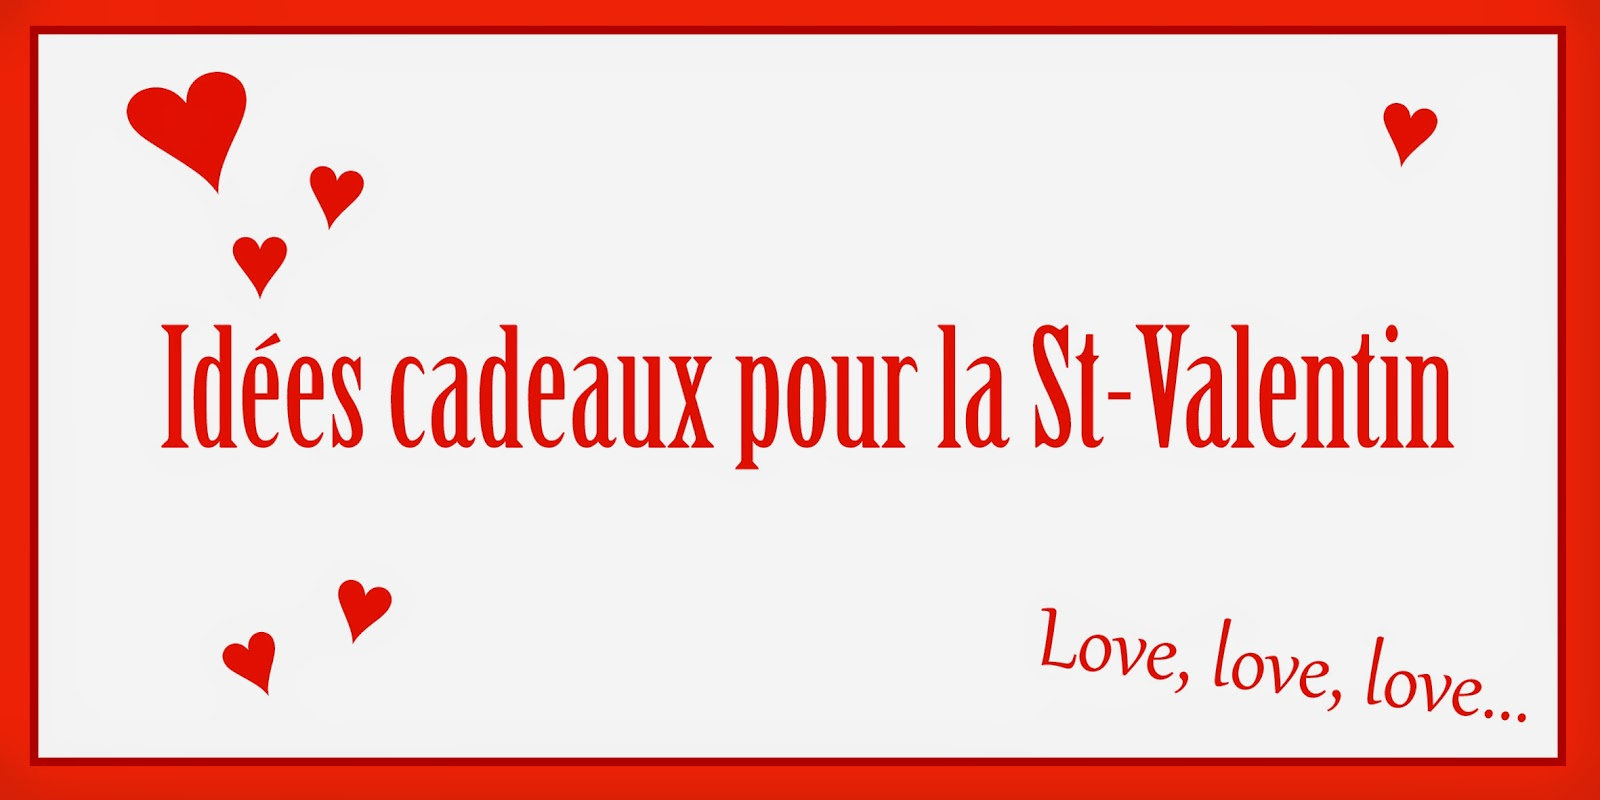 Id es cadeaux id es cadeaux pour la st valentin - Idees pour la saint valentin ...